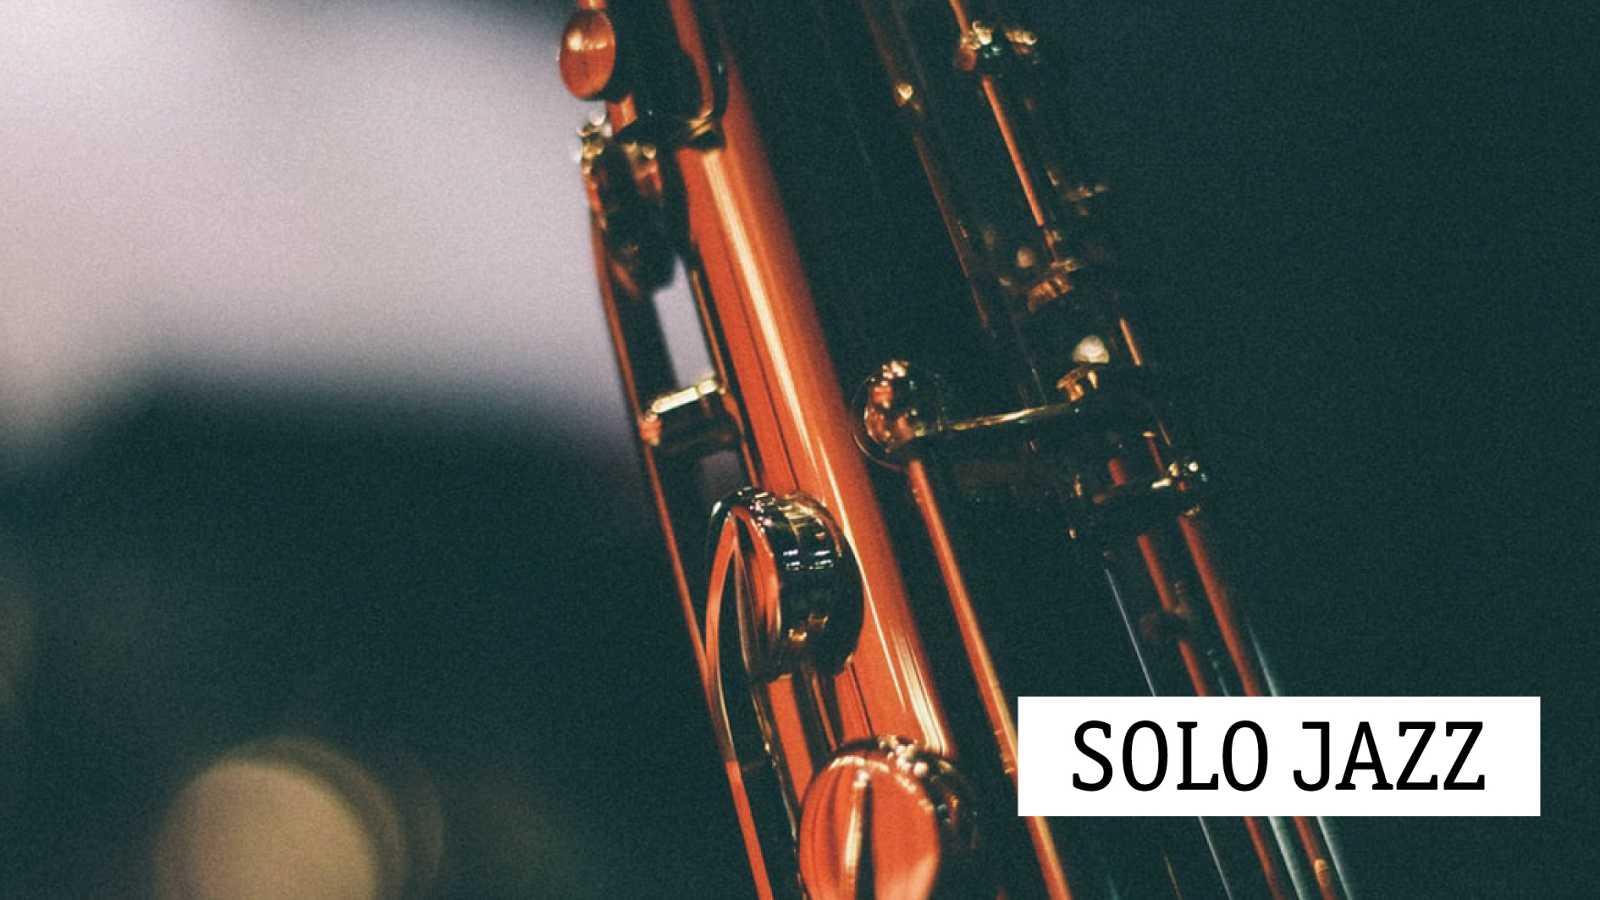 Solo jazz -  Instrumentos infrecuentes en el jazz: Oboe, fagot y flautas orientales - 14/10/20 - escuchar ahora